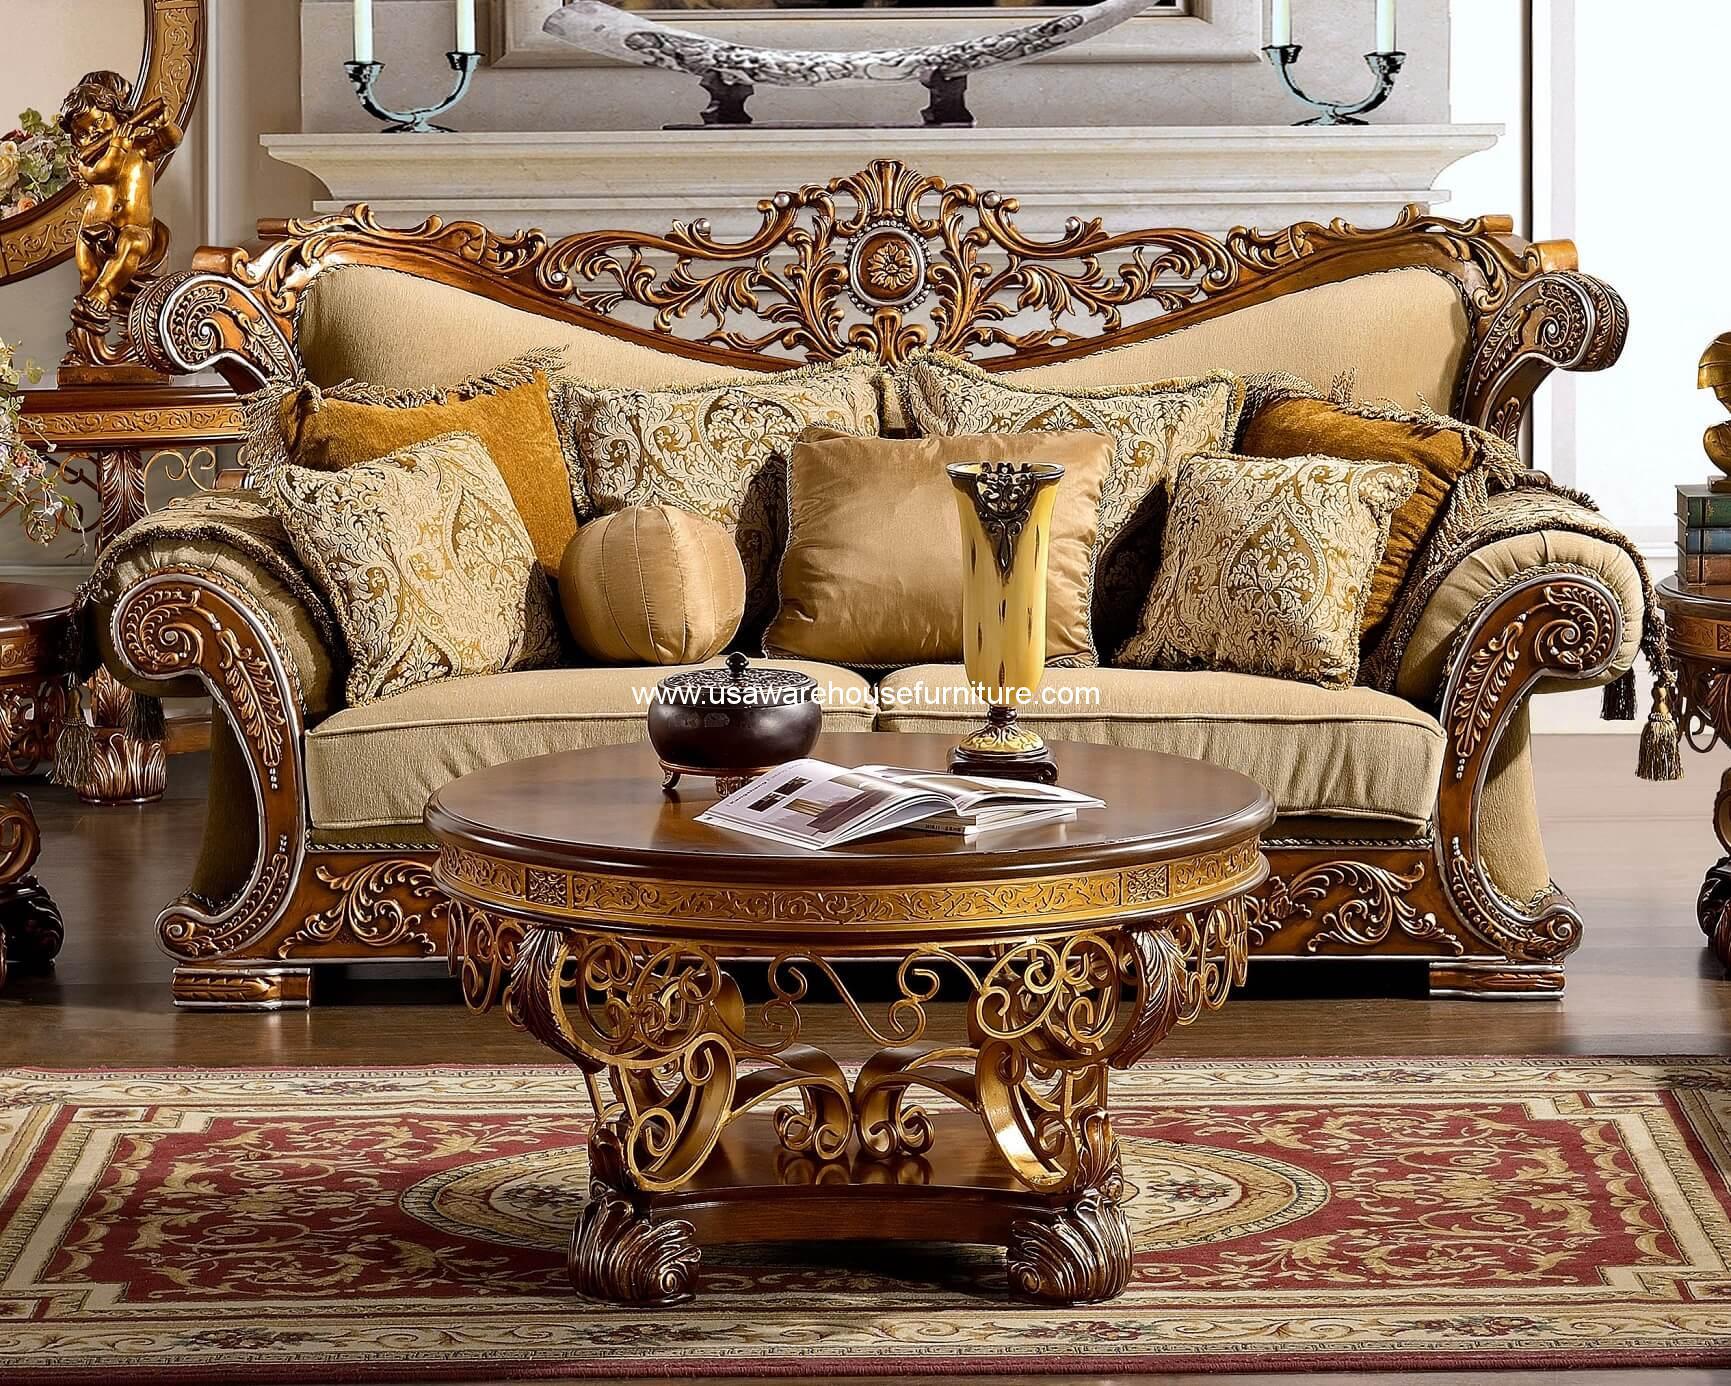 Homey Design Hd 369 Royal Sofa Usa Warehouse Furniture